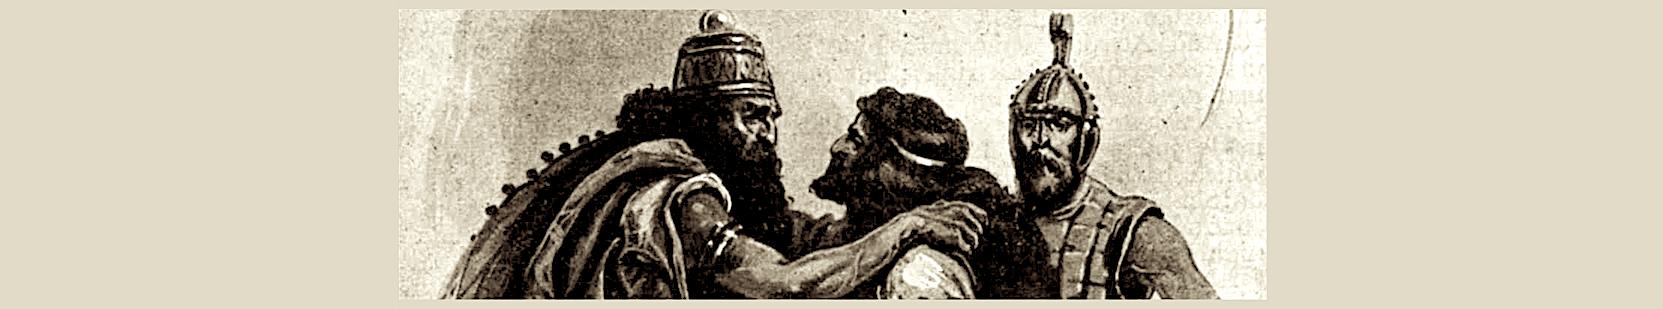 Давид прощает Авессалома.